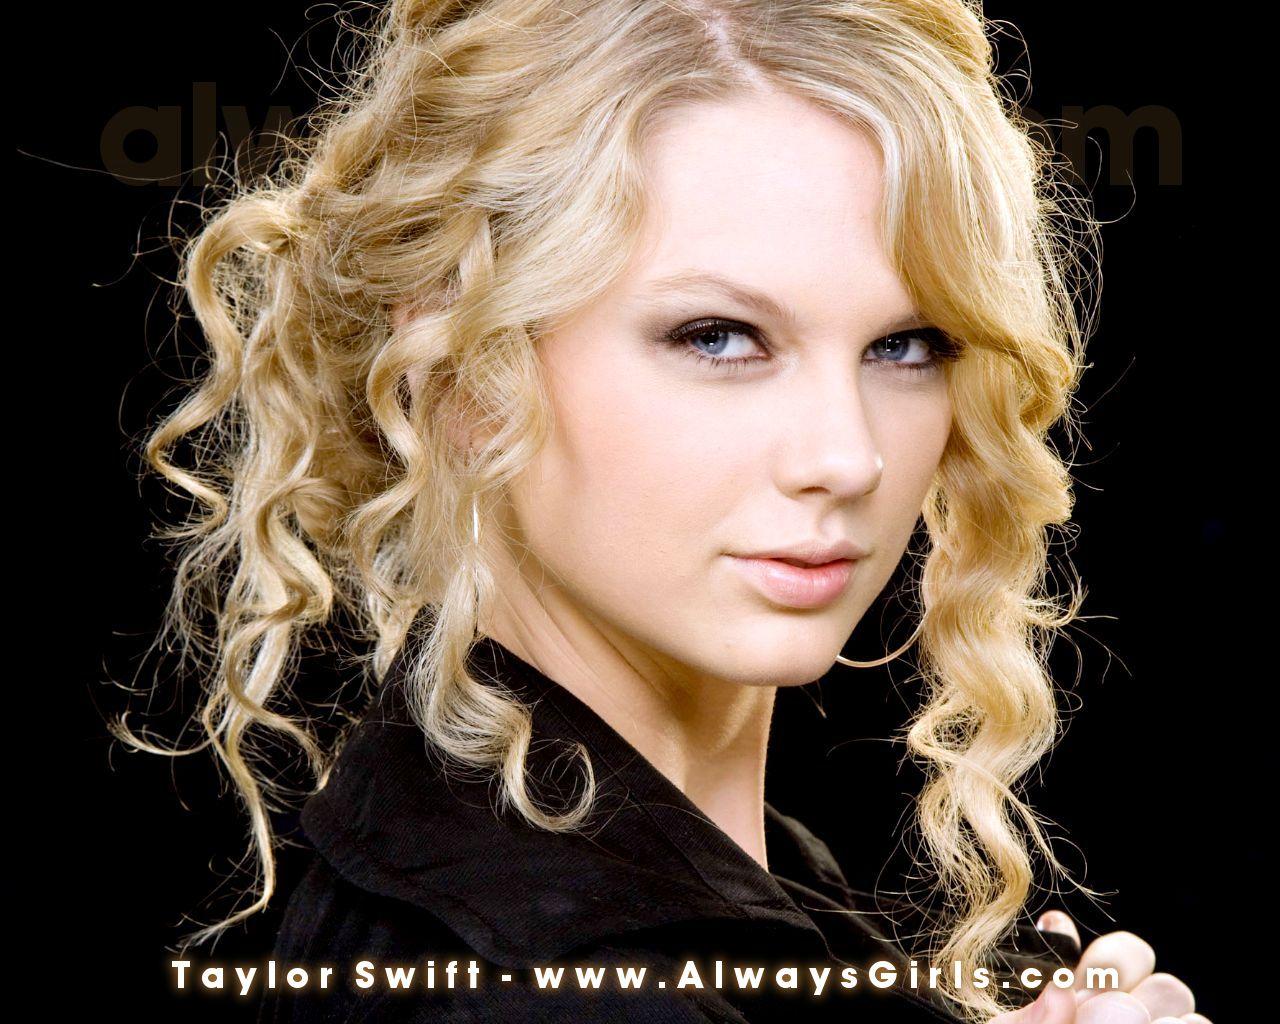 http://2.bp.blogspot.com/-9Fyruffygyk/T3HLUPR1BfI/AAAAAAAAAAc/P-yOFS4RD8E/s1600/Taylor+Swift3.jpg